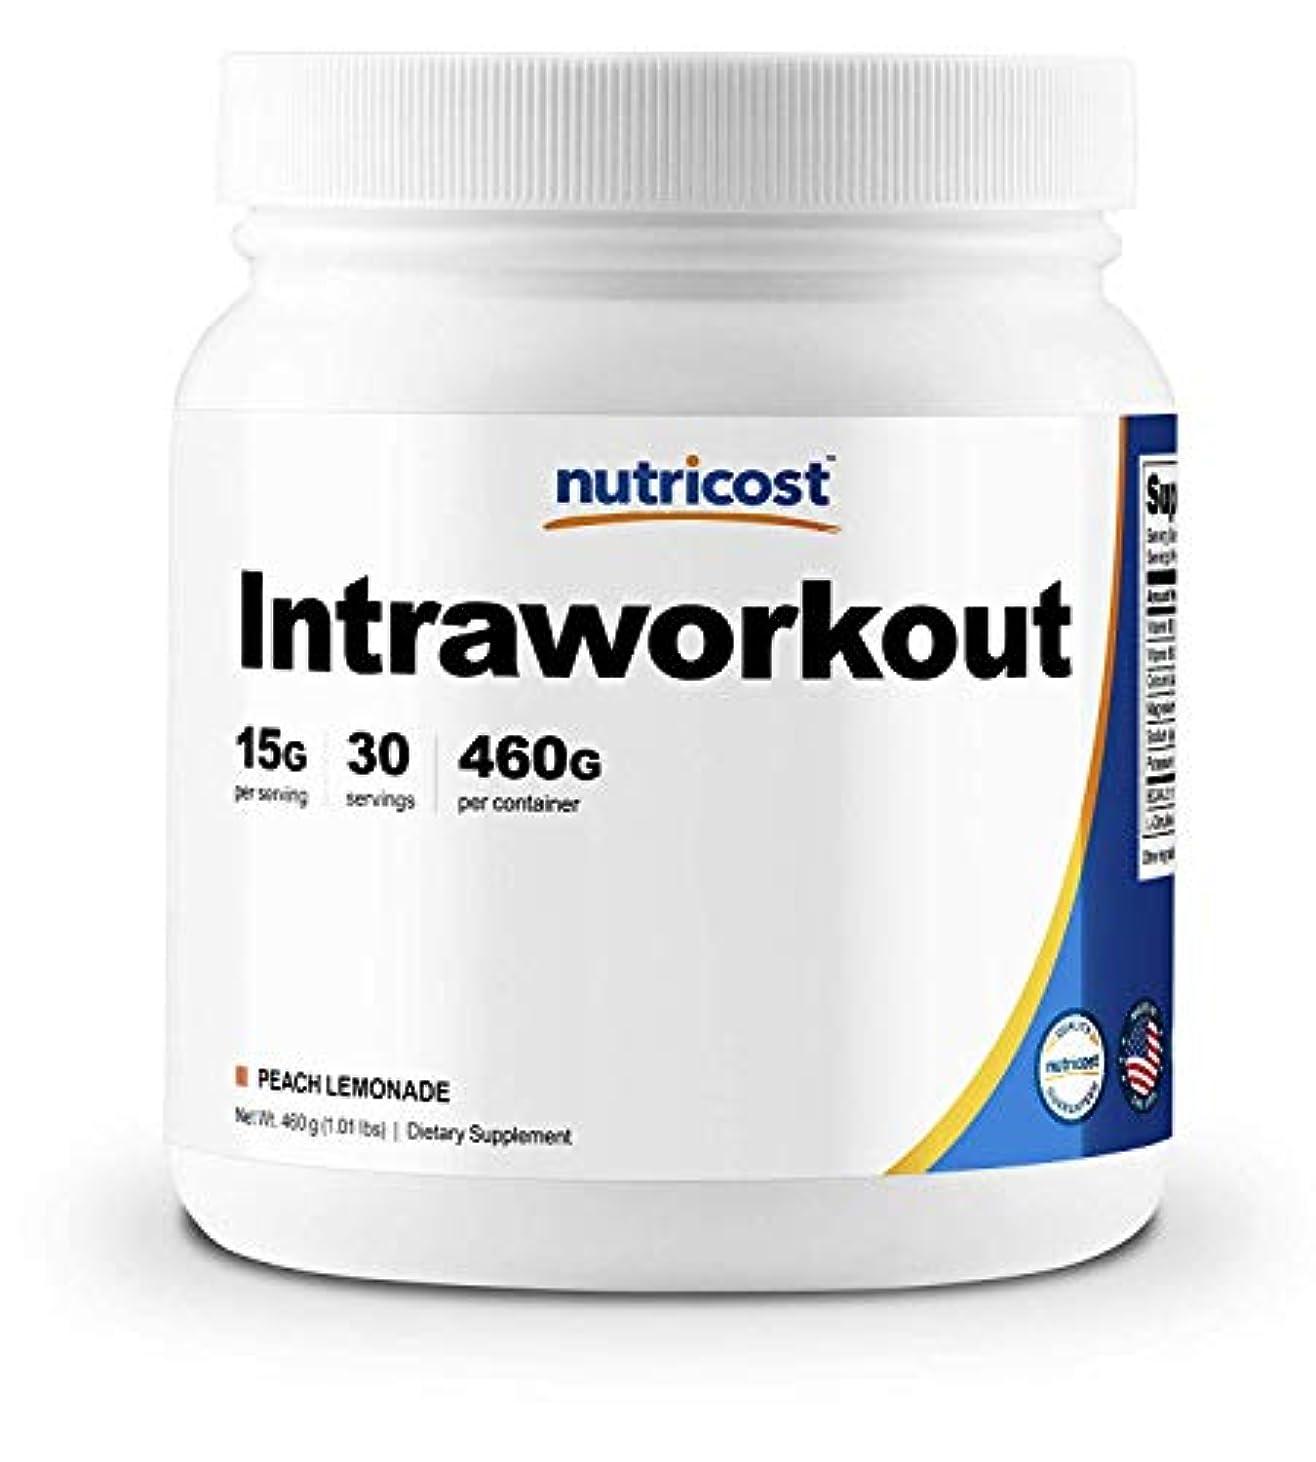 断片まつげ前Nutricost イントラワークアウトパウダー(ピーチレモネード味)、非GMO、グルテンフリー